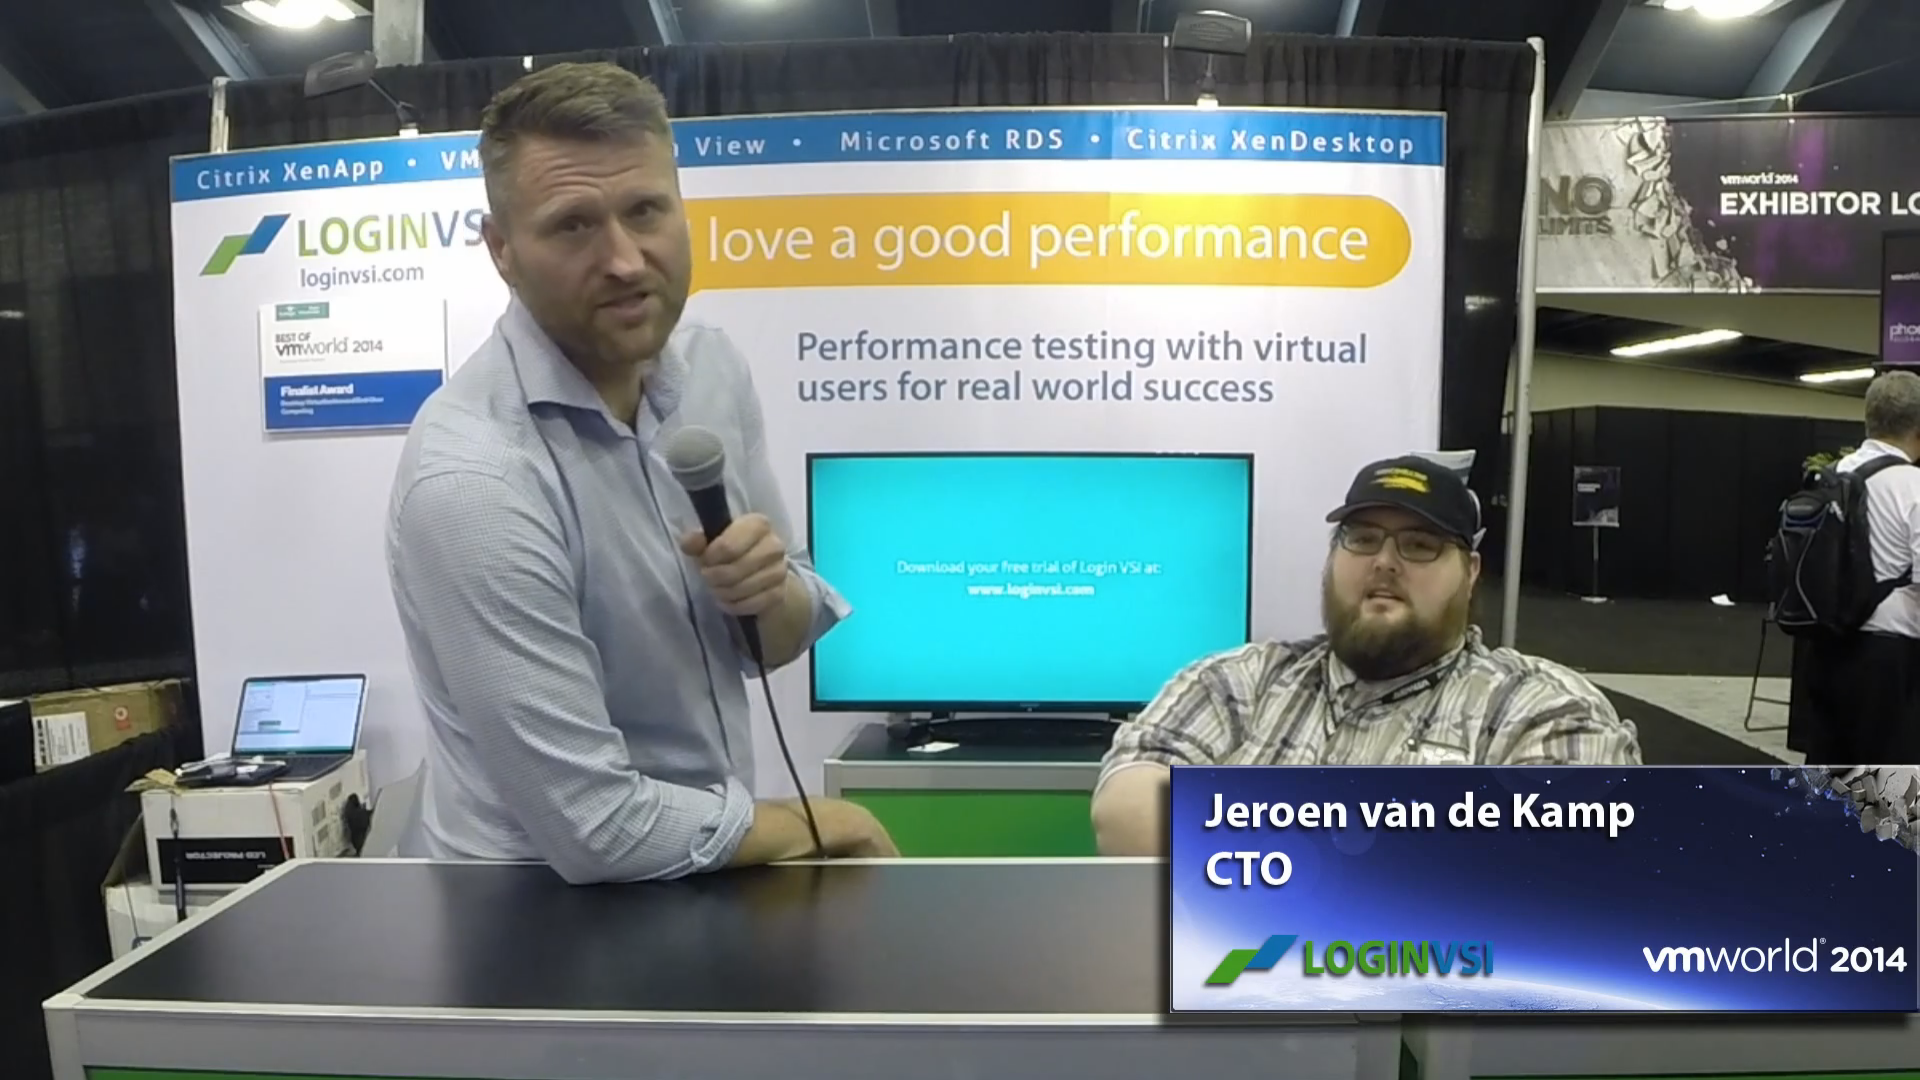 VMworld 2014 - Interview with LoginVSI's CTO Jeroen van de Kamp